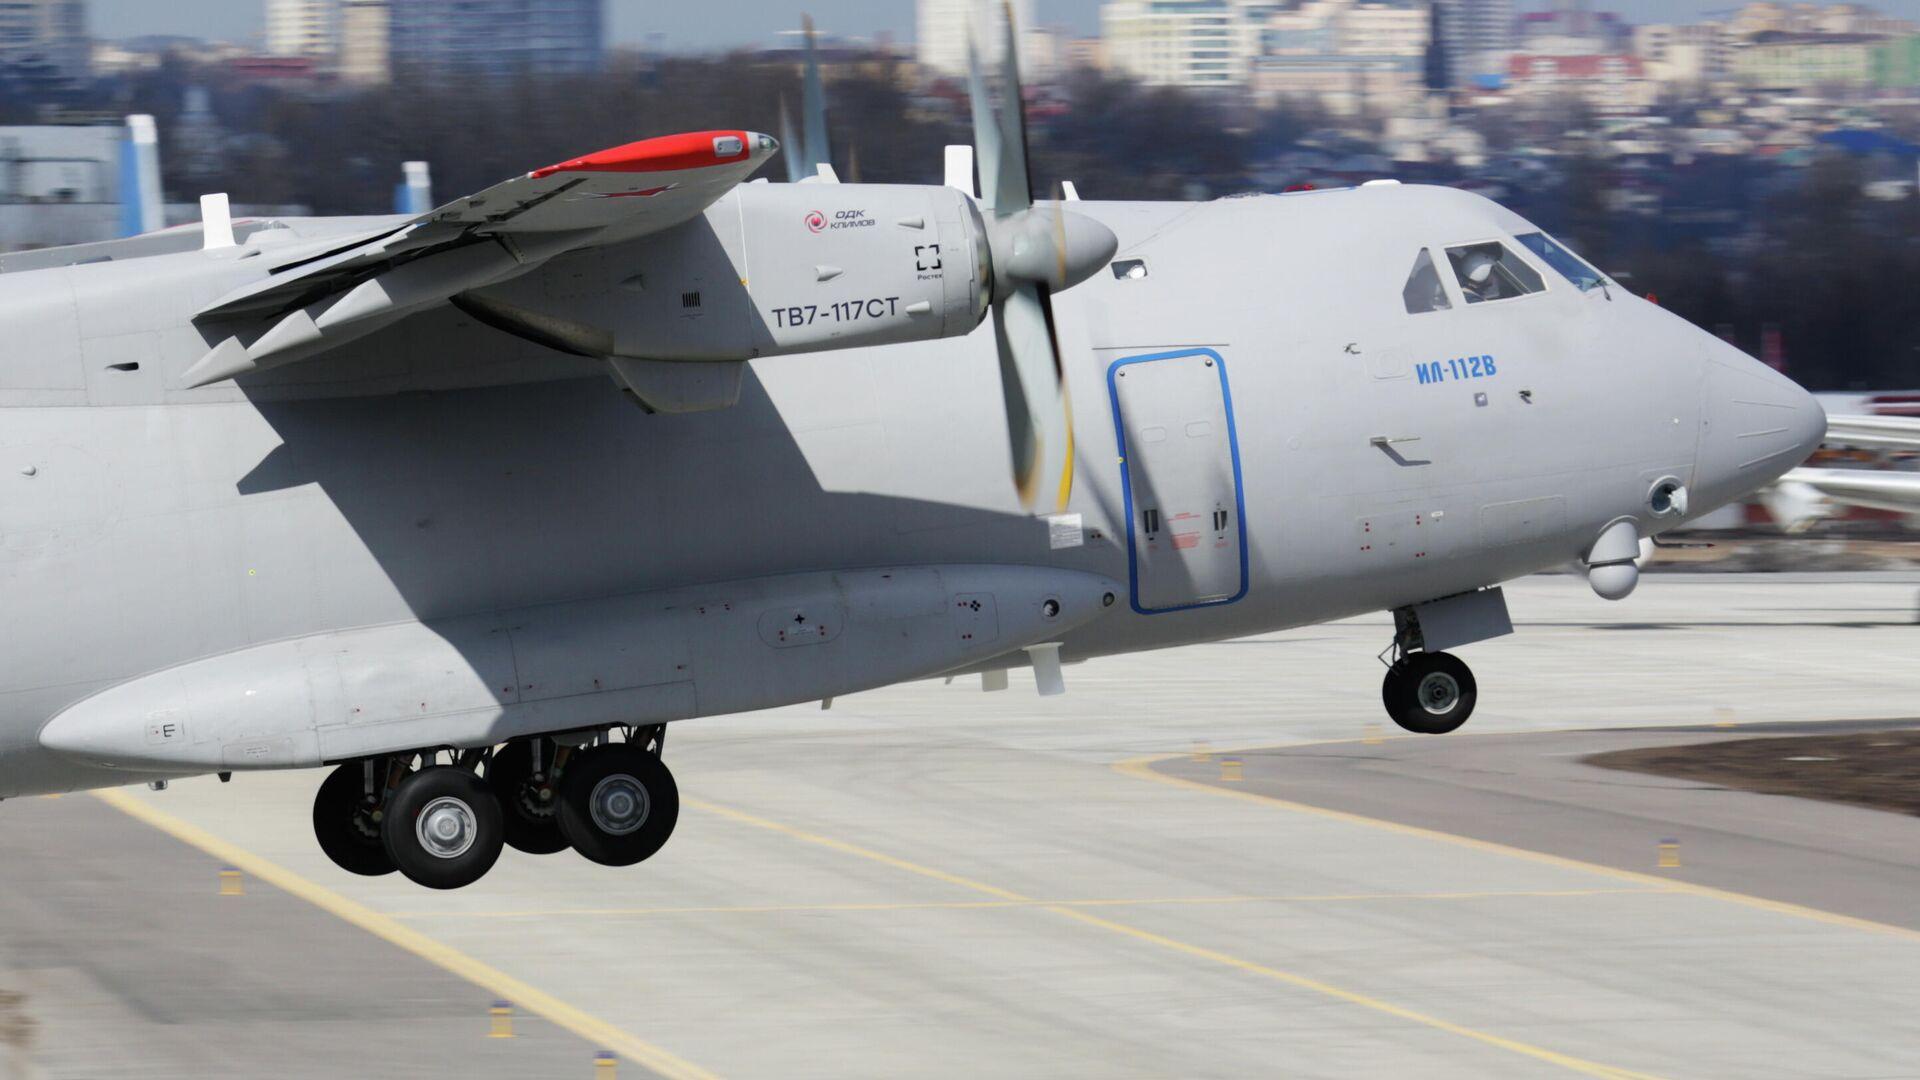 Rusya'nın Sovyetler Birliği sonrasında döneminde sıfırdan geliştirdiği ilk askeri nakliye uçağı olan İl-112V uçağı - Sputnik Türkiye, 1920, 17.08.2021